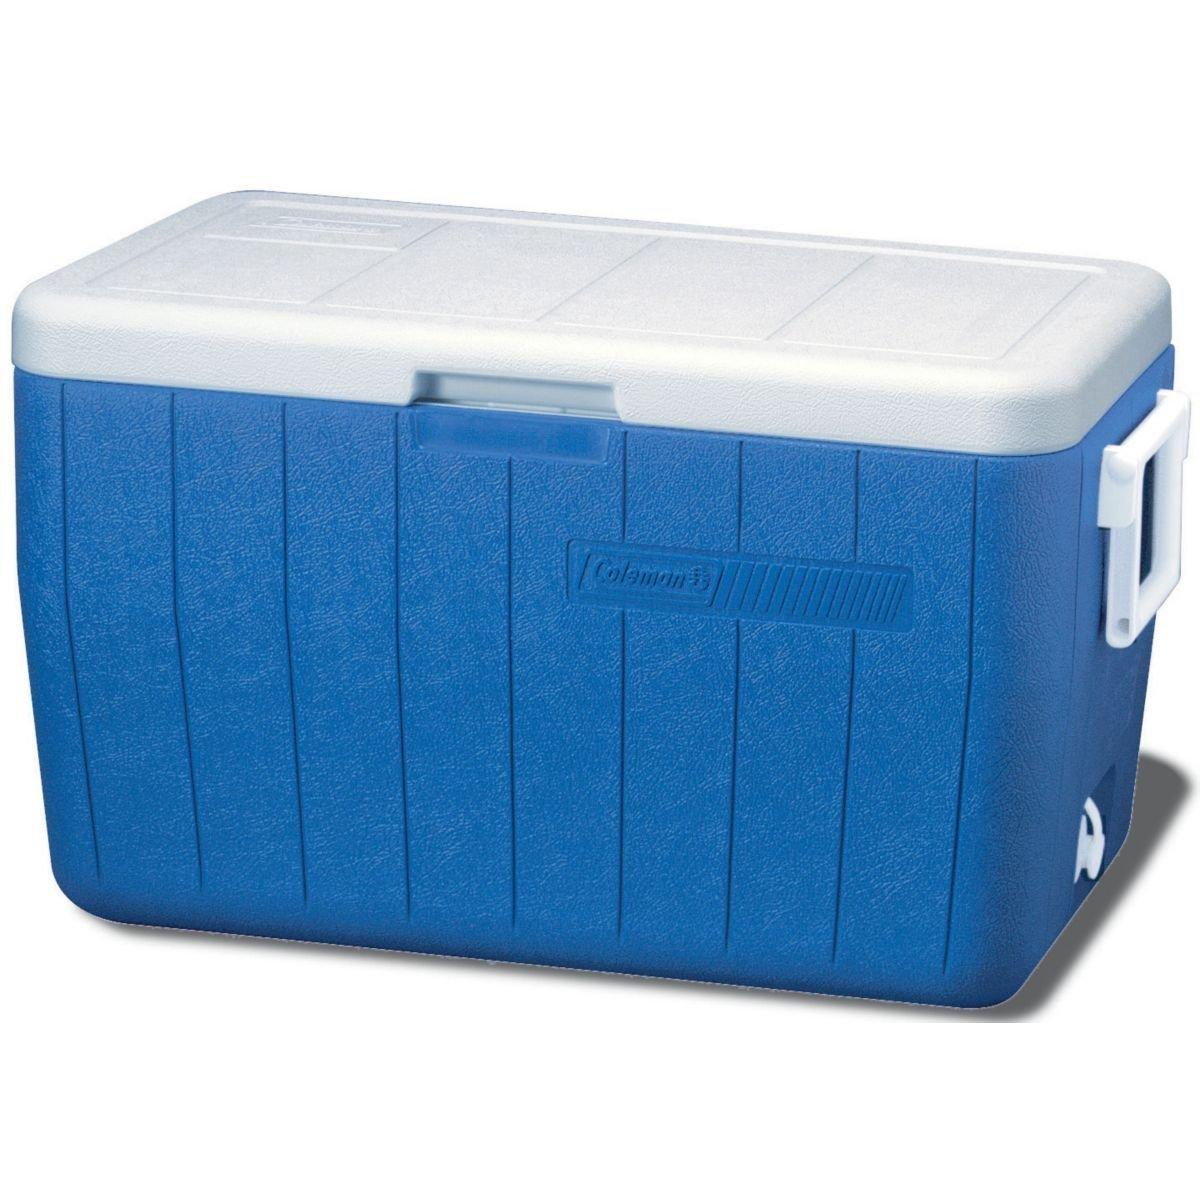 Coleman 48-Quart Cooler (Blue) $18.49 @ Amazon